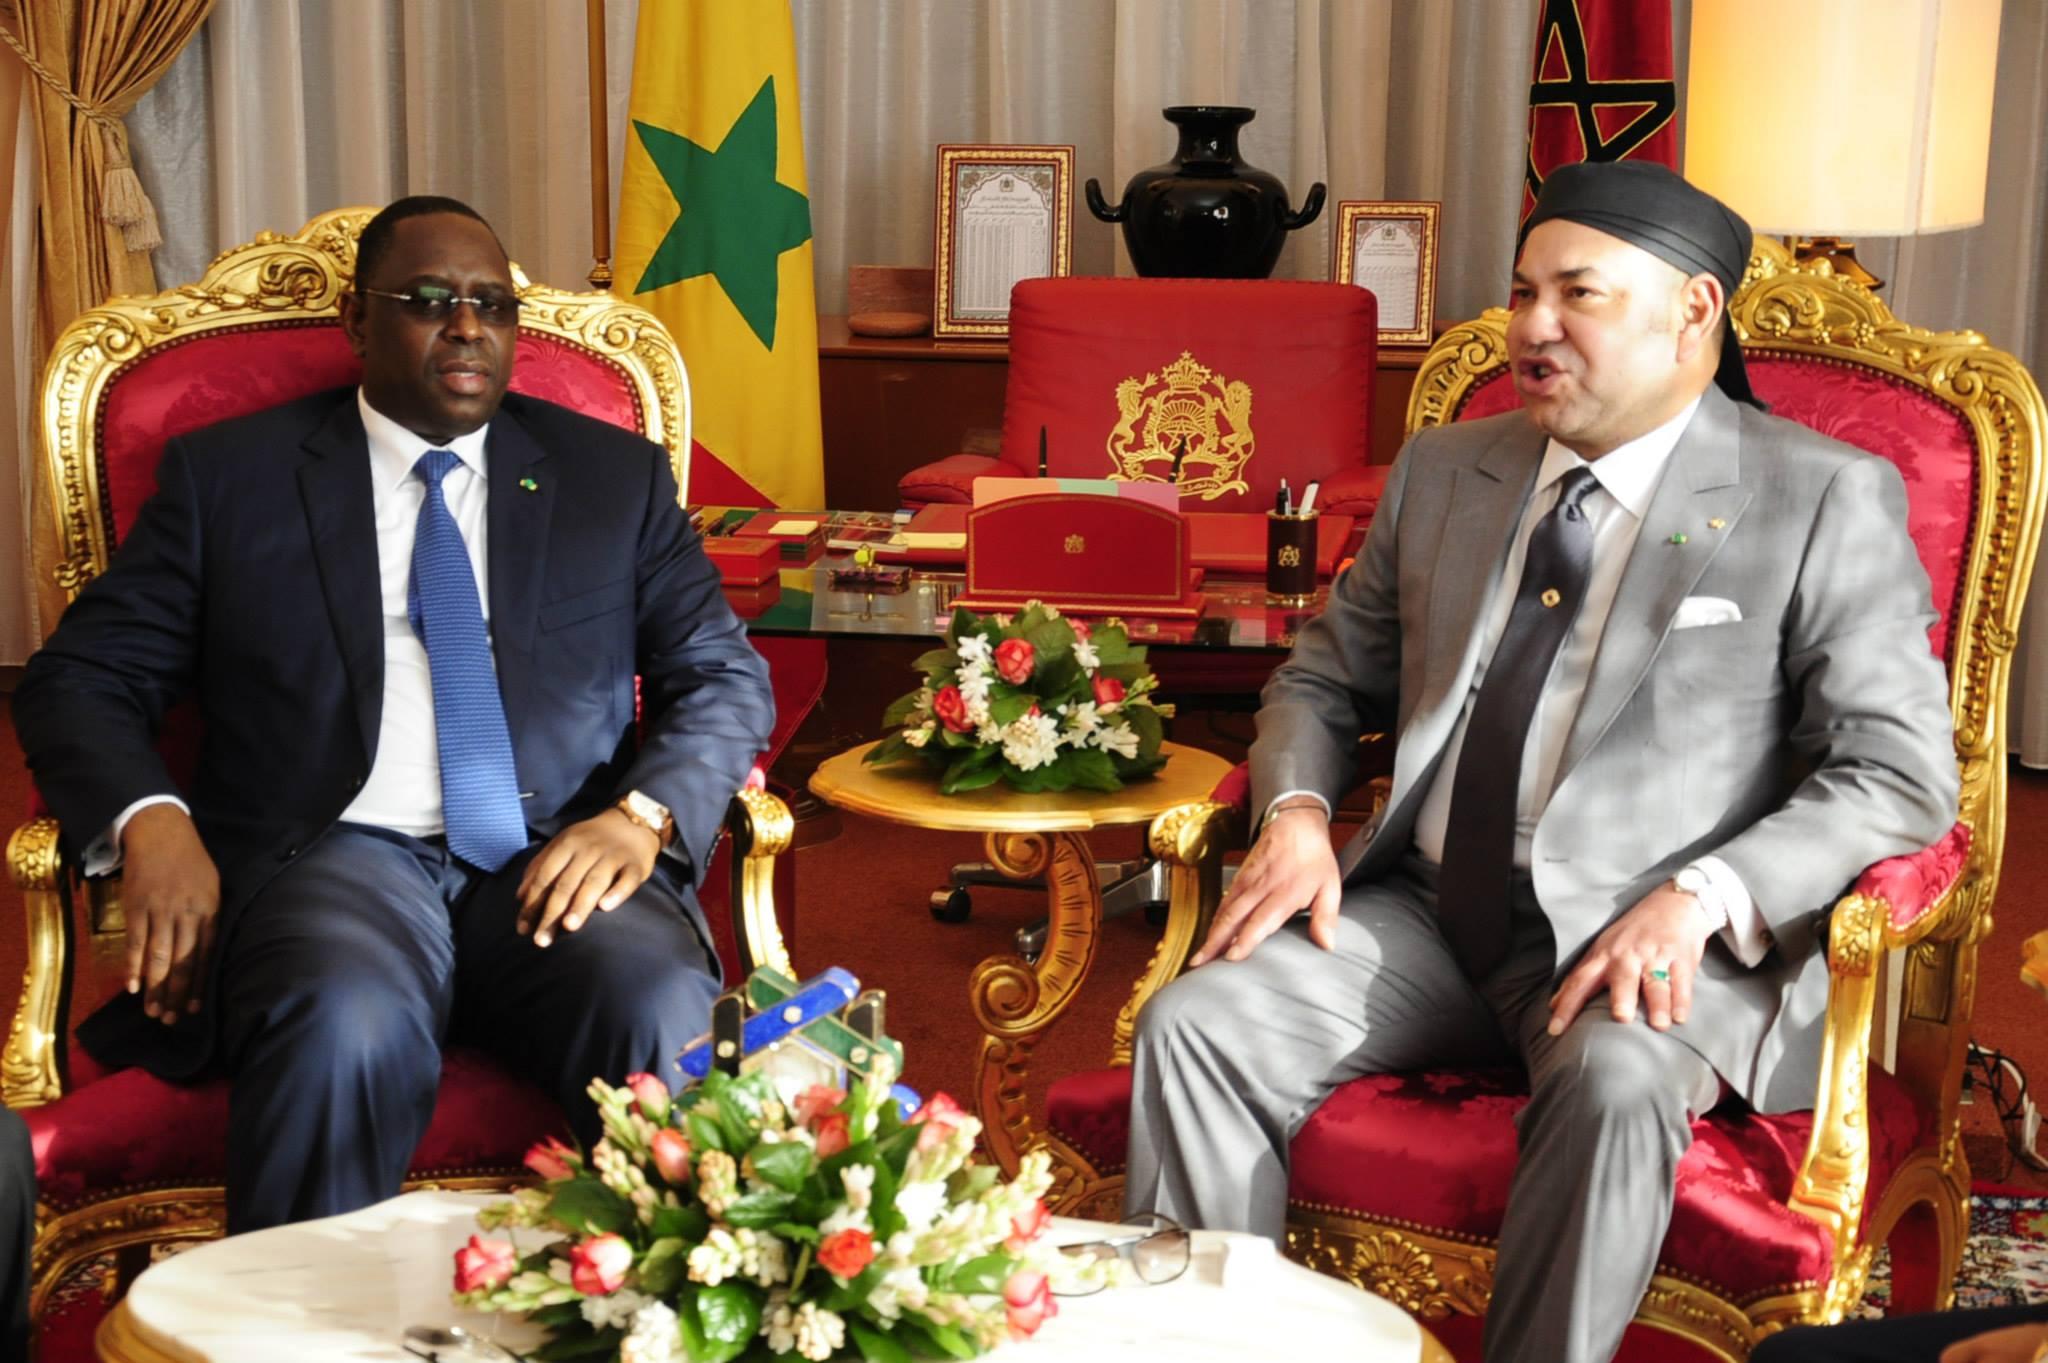 Le Roi Mohammed VI et le destin africain du Maroc (Par Lahcen Haddad)